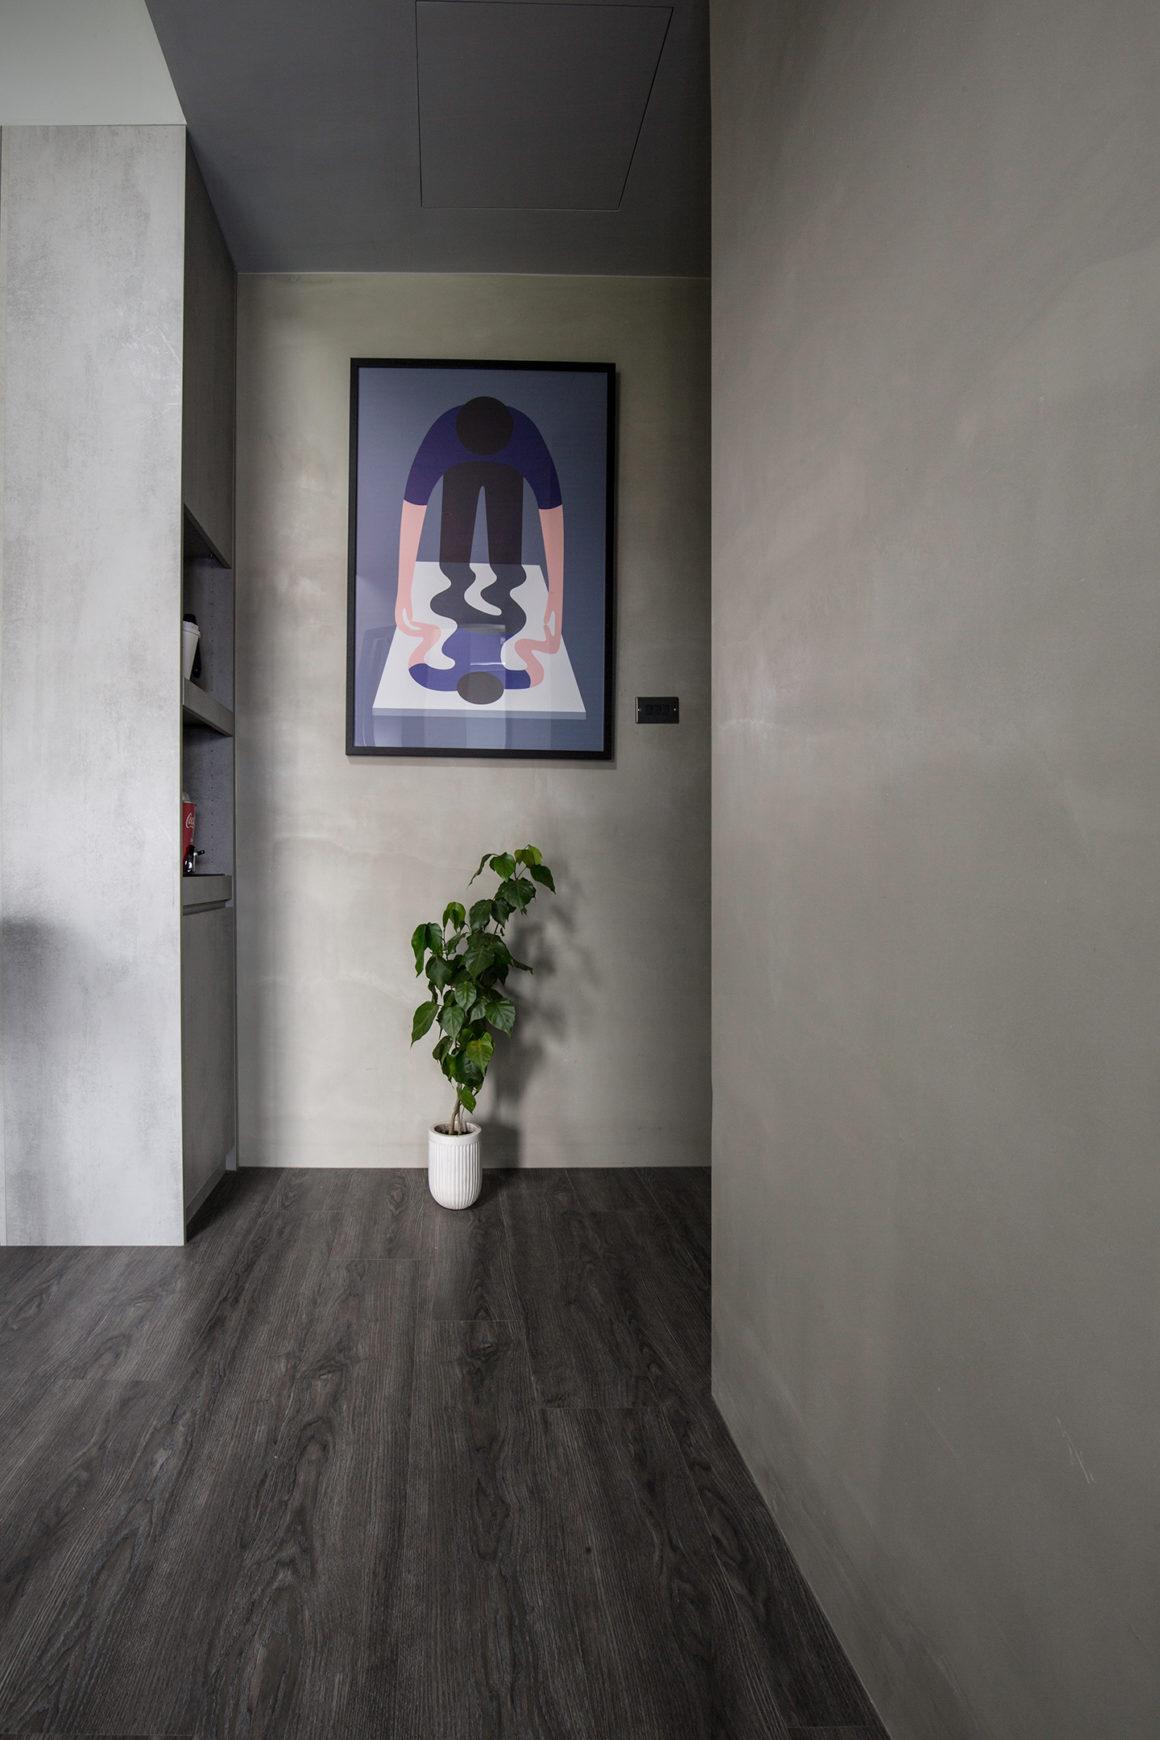 reOrigin, 陳建瑋, 設計師, 原研創合,空間室內設計攝影作品集-台北商業攝影公司推薦-photo2.5D(商業攝影報價單,產品攝影收費,攝影費用歡迎聯繫)提供:室內設計攝影,空間攝影,室內裝潢攝影,展場攝影,家具攝影,商業攝影,產品攝影,服裝攝影,商品攝影,珠寶攝影,飾品攝影,精品攝影,3C產品攝影,情境攝影,3C電子攝影,家電攝影,電器攝影,美妝攝影,保養品攝影,美食攝影,攝影學,攝影教學,攝影講座,攝影課。客戶觸及台中、台南、高雄與北台灣。